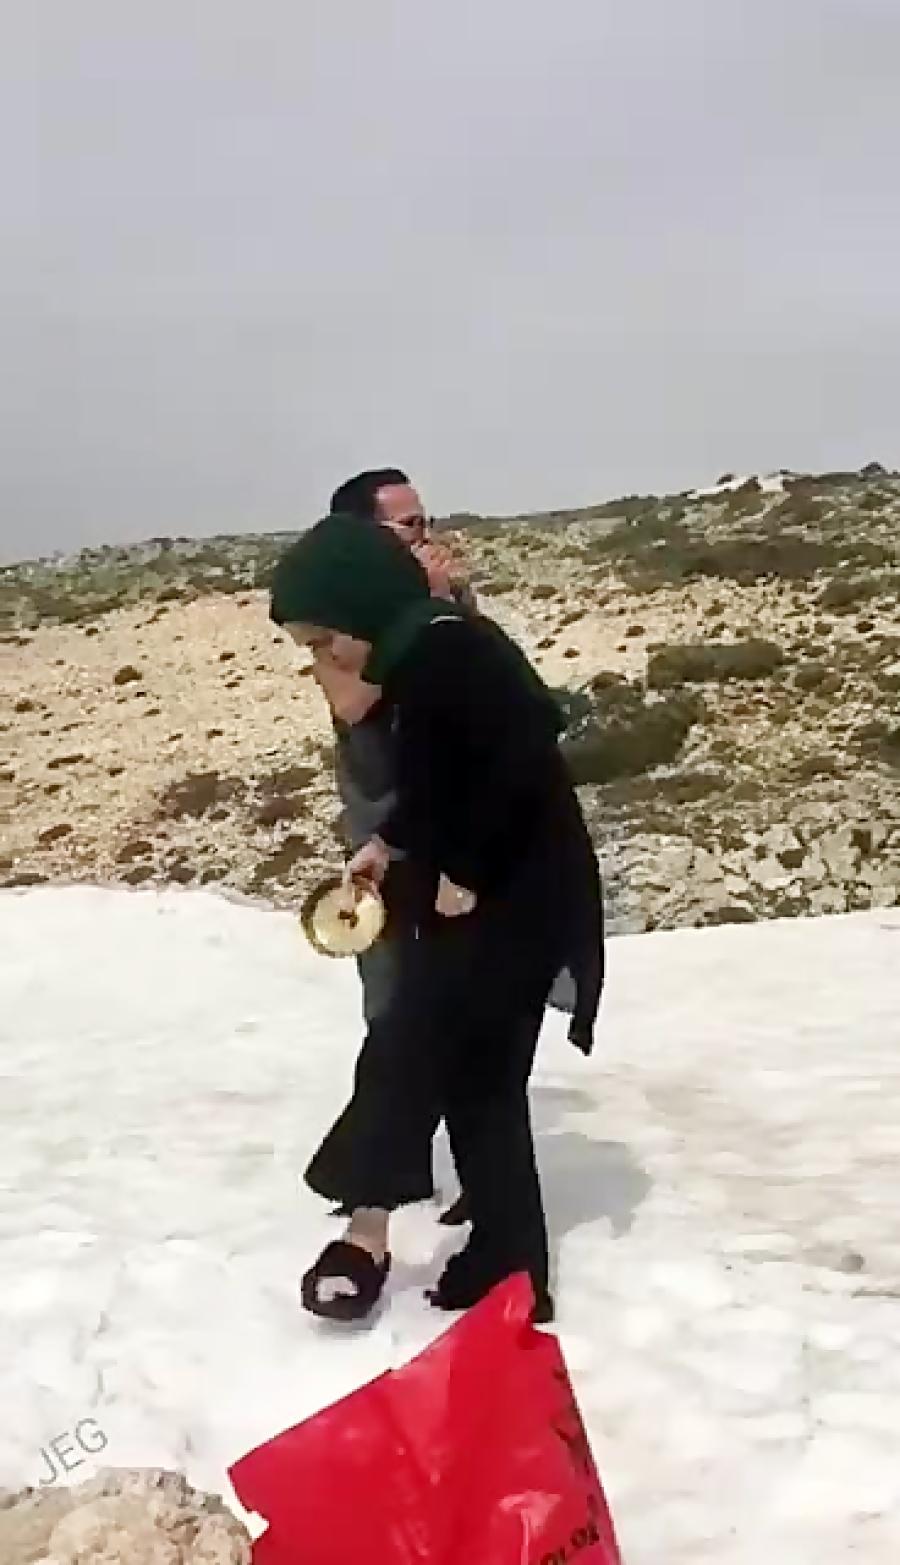 افتادن بچه ۲ساله عربستانی!